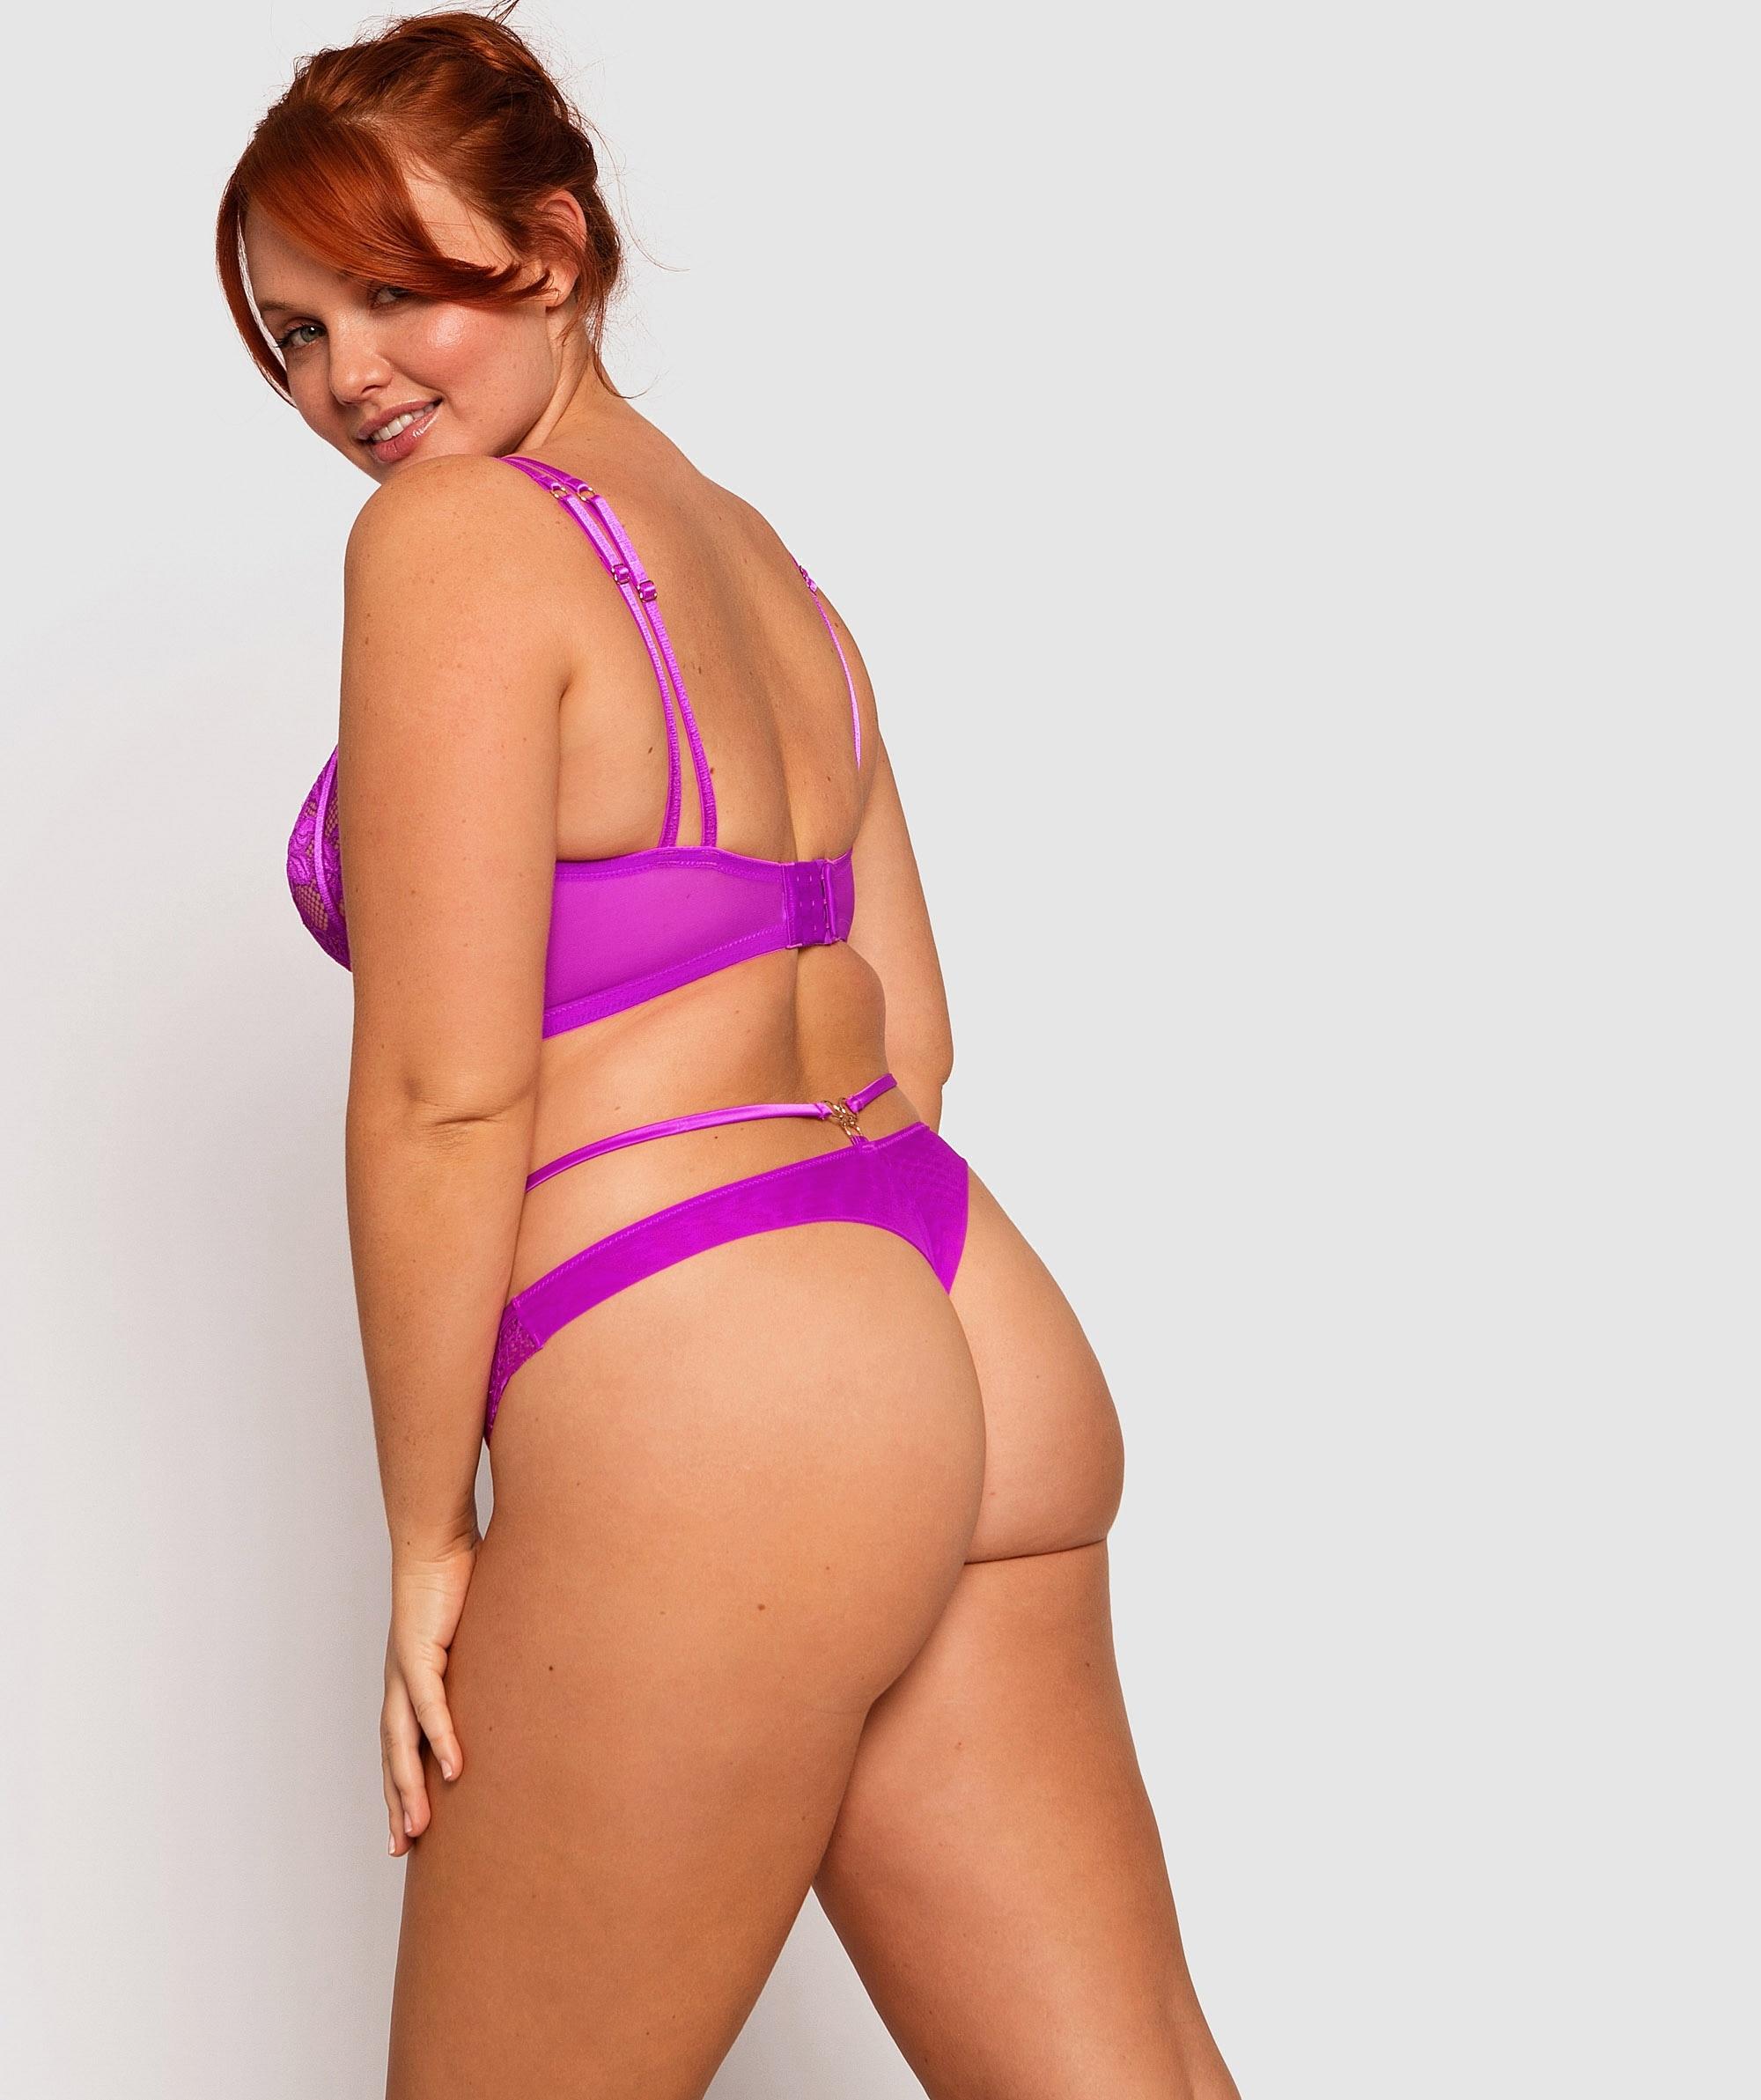 Vamp Sasha V String Knicker - Pink